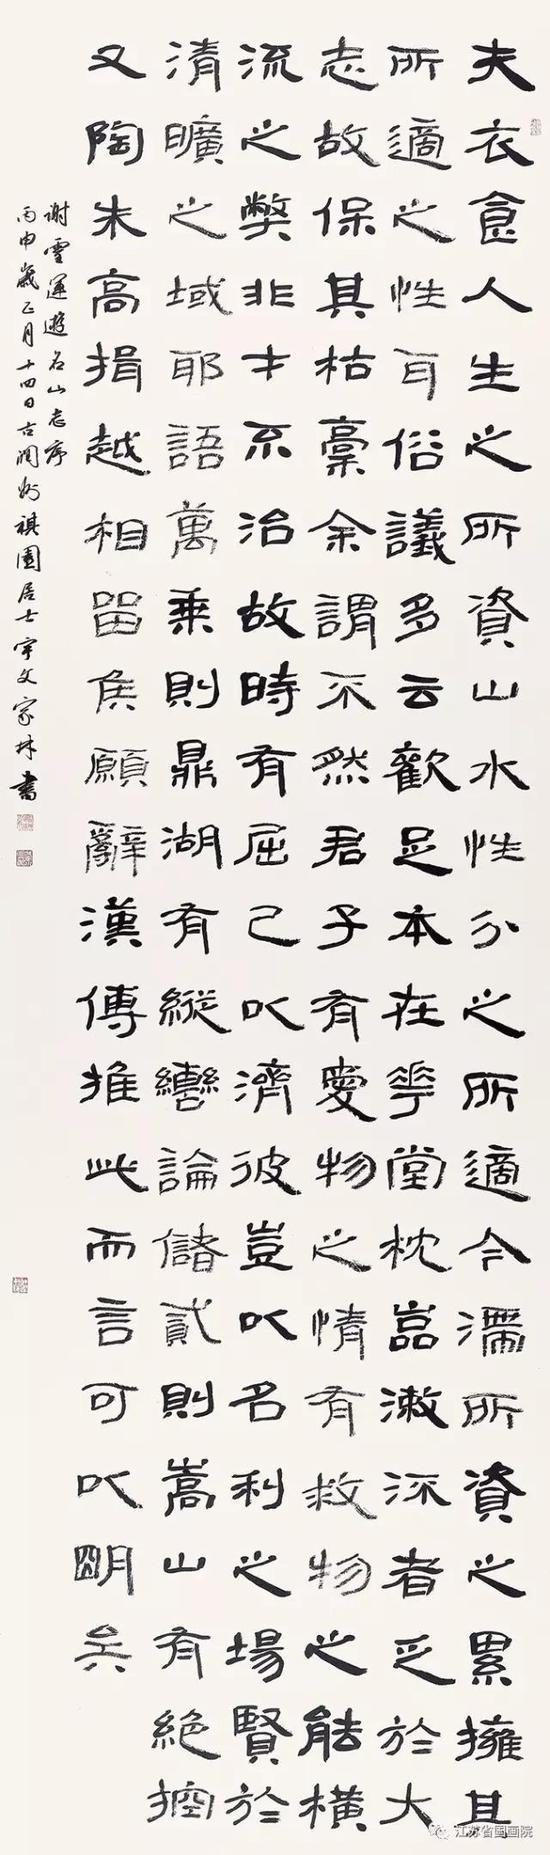 宇文家林 谢灵运《游名山志序 》 230cm×70cm